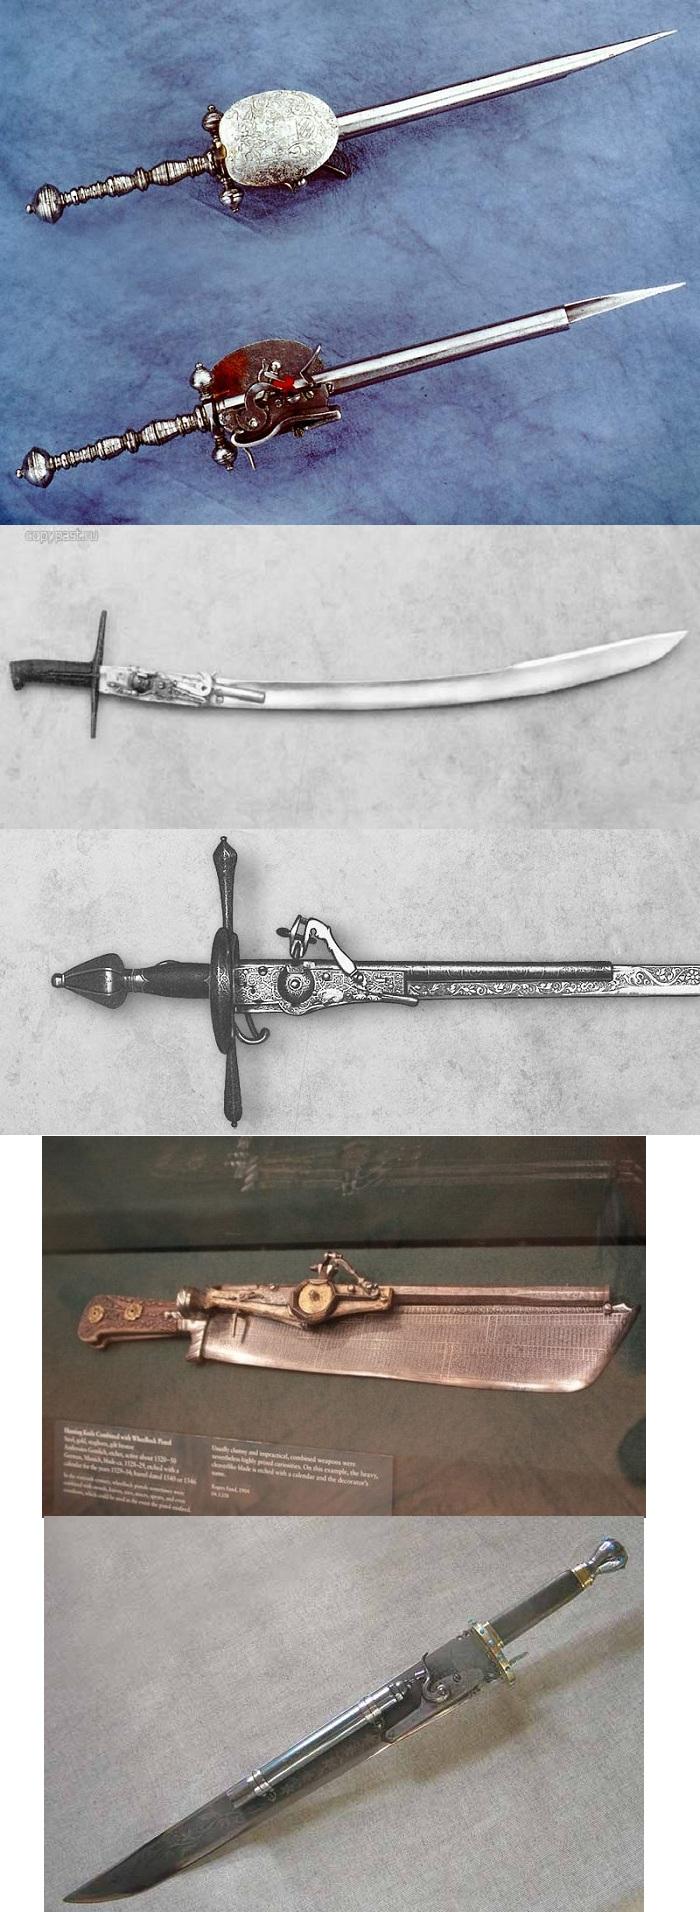 Сверху вниз: дага (кинжал левой руки) с кремневым пистолетом, XVII век; Сабля венгерского типа и райтшверт с колесцовыми замками, XVI век; Стреляющие охотничьи тесаки XVI и XIX вв.